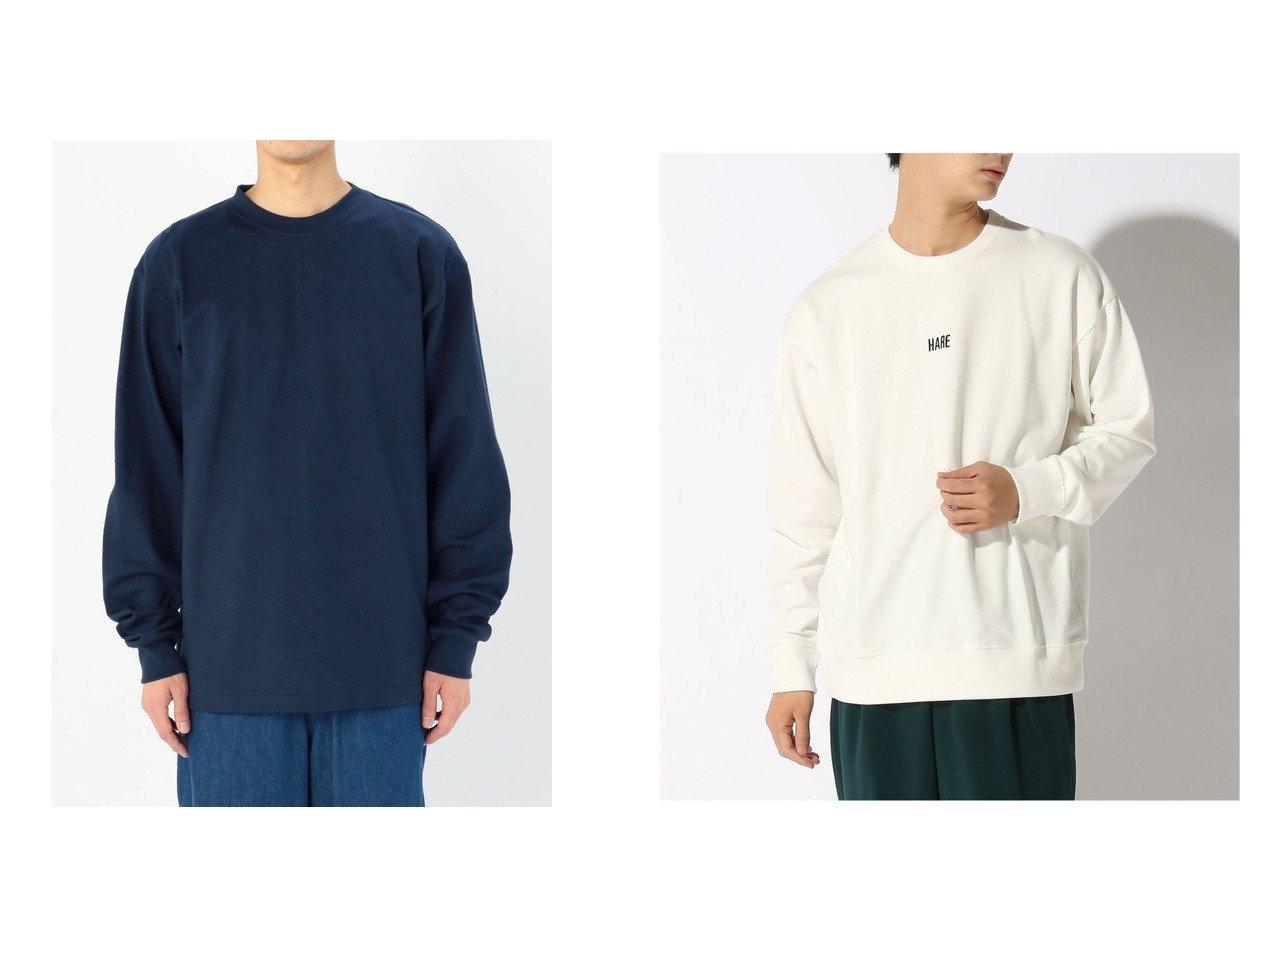 【HARE / MEN/ハレ】のHARELOGO-LS&【Bshop / MEN/ビショップ】の【CAMBER】ヘビーウェイト 長袖Tシャツ MEN 【MEN】おすすめ!人気トレンド・男性、メンズファッションの通販 おすすめで人気の流行・トレンド、ファッションの通販商品 メンズファッション・キッズファッション・インテリア・家具・レディースファッション・服の通販 founy(ファニー) https://founy.com/ ファッション Fashion メンズファッション MEN トップス Tops Tshirt Men シャツ Shirts カットソー 長袖 スウェット フロント |ID:crp329100000018302